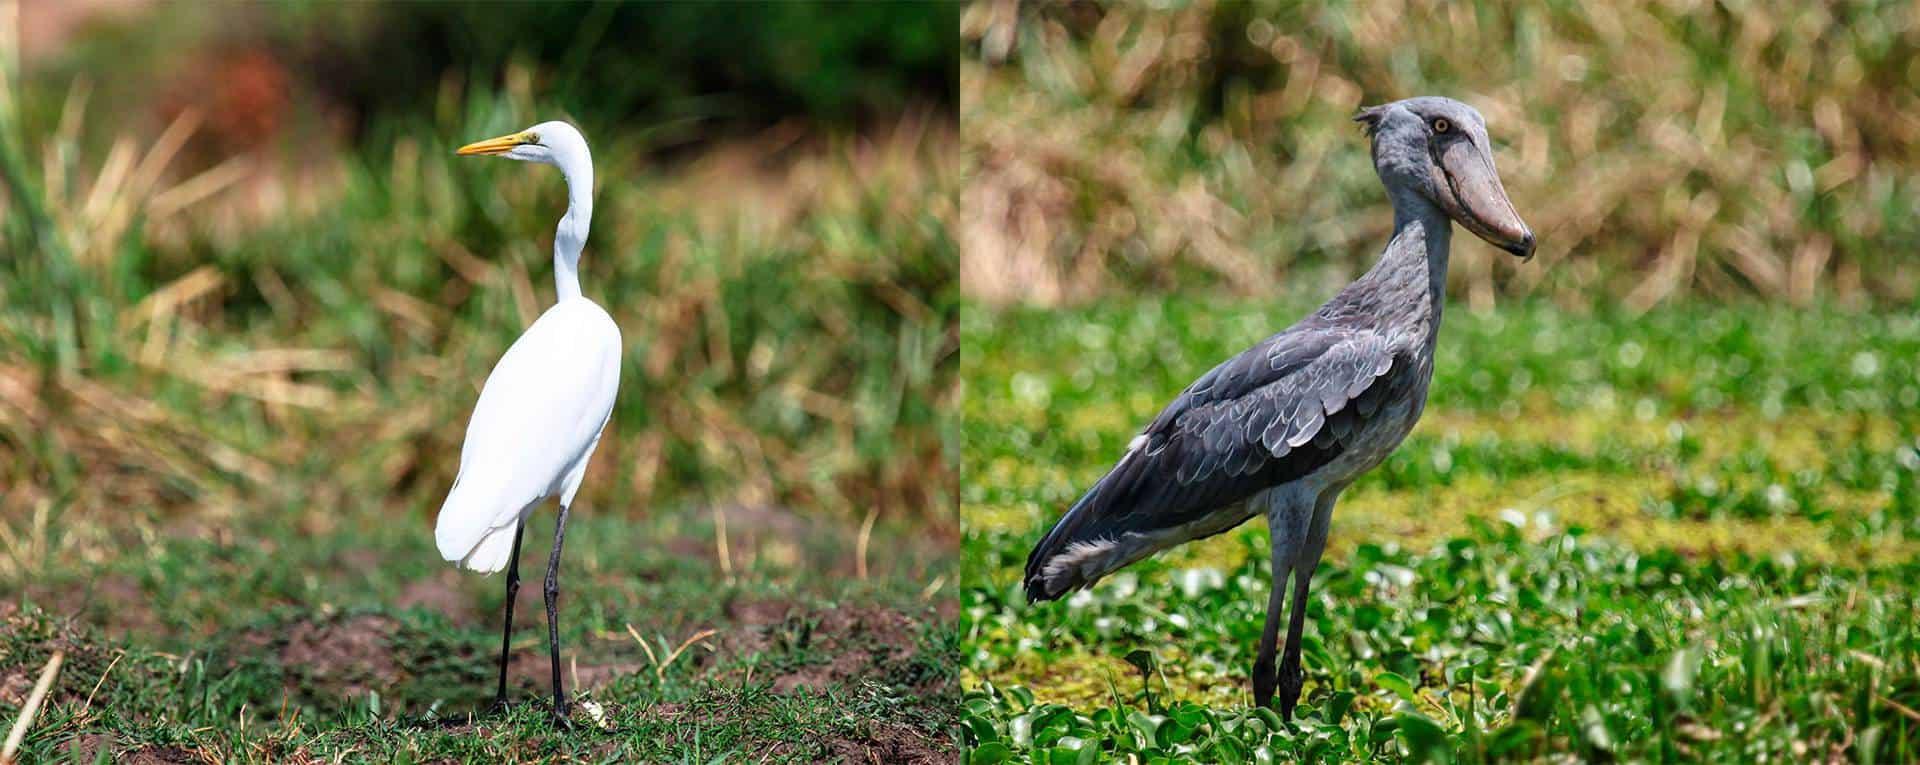 Birdwatching Safaris In Lake Mburo